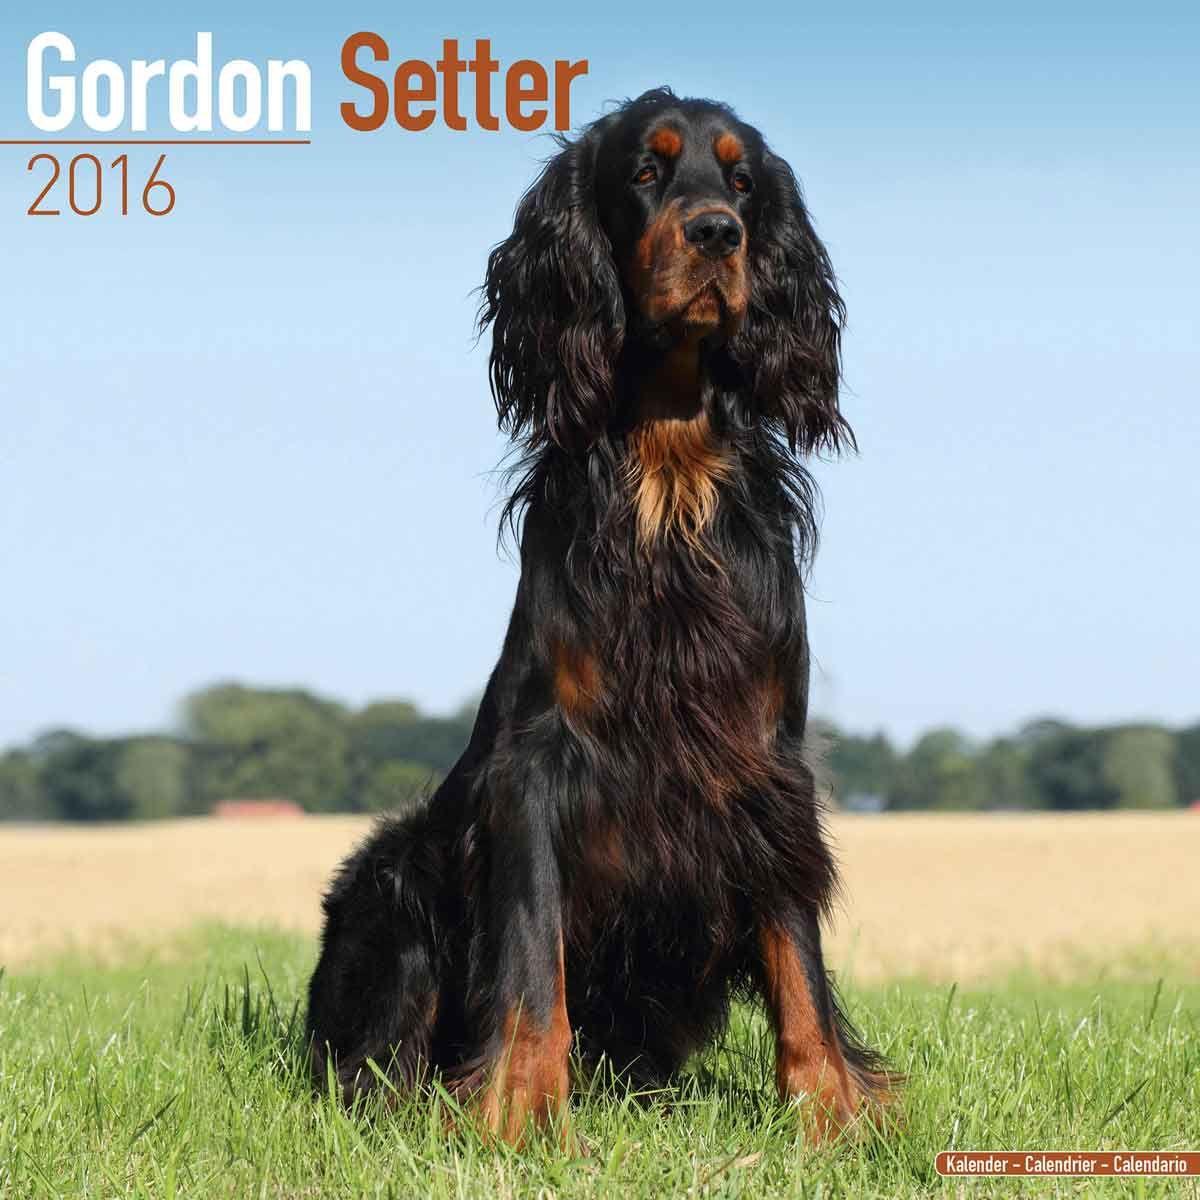 Gordon Setters Calendar 2016 Gordon setter, Dogs, Calendar